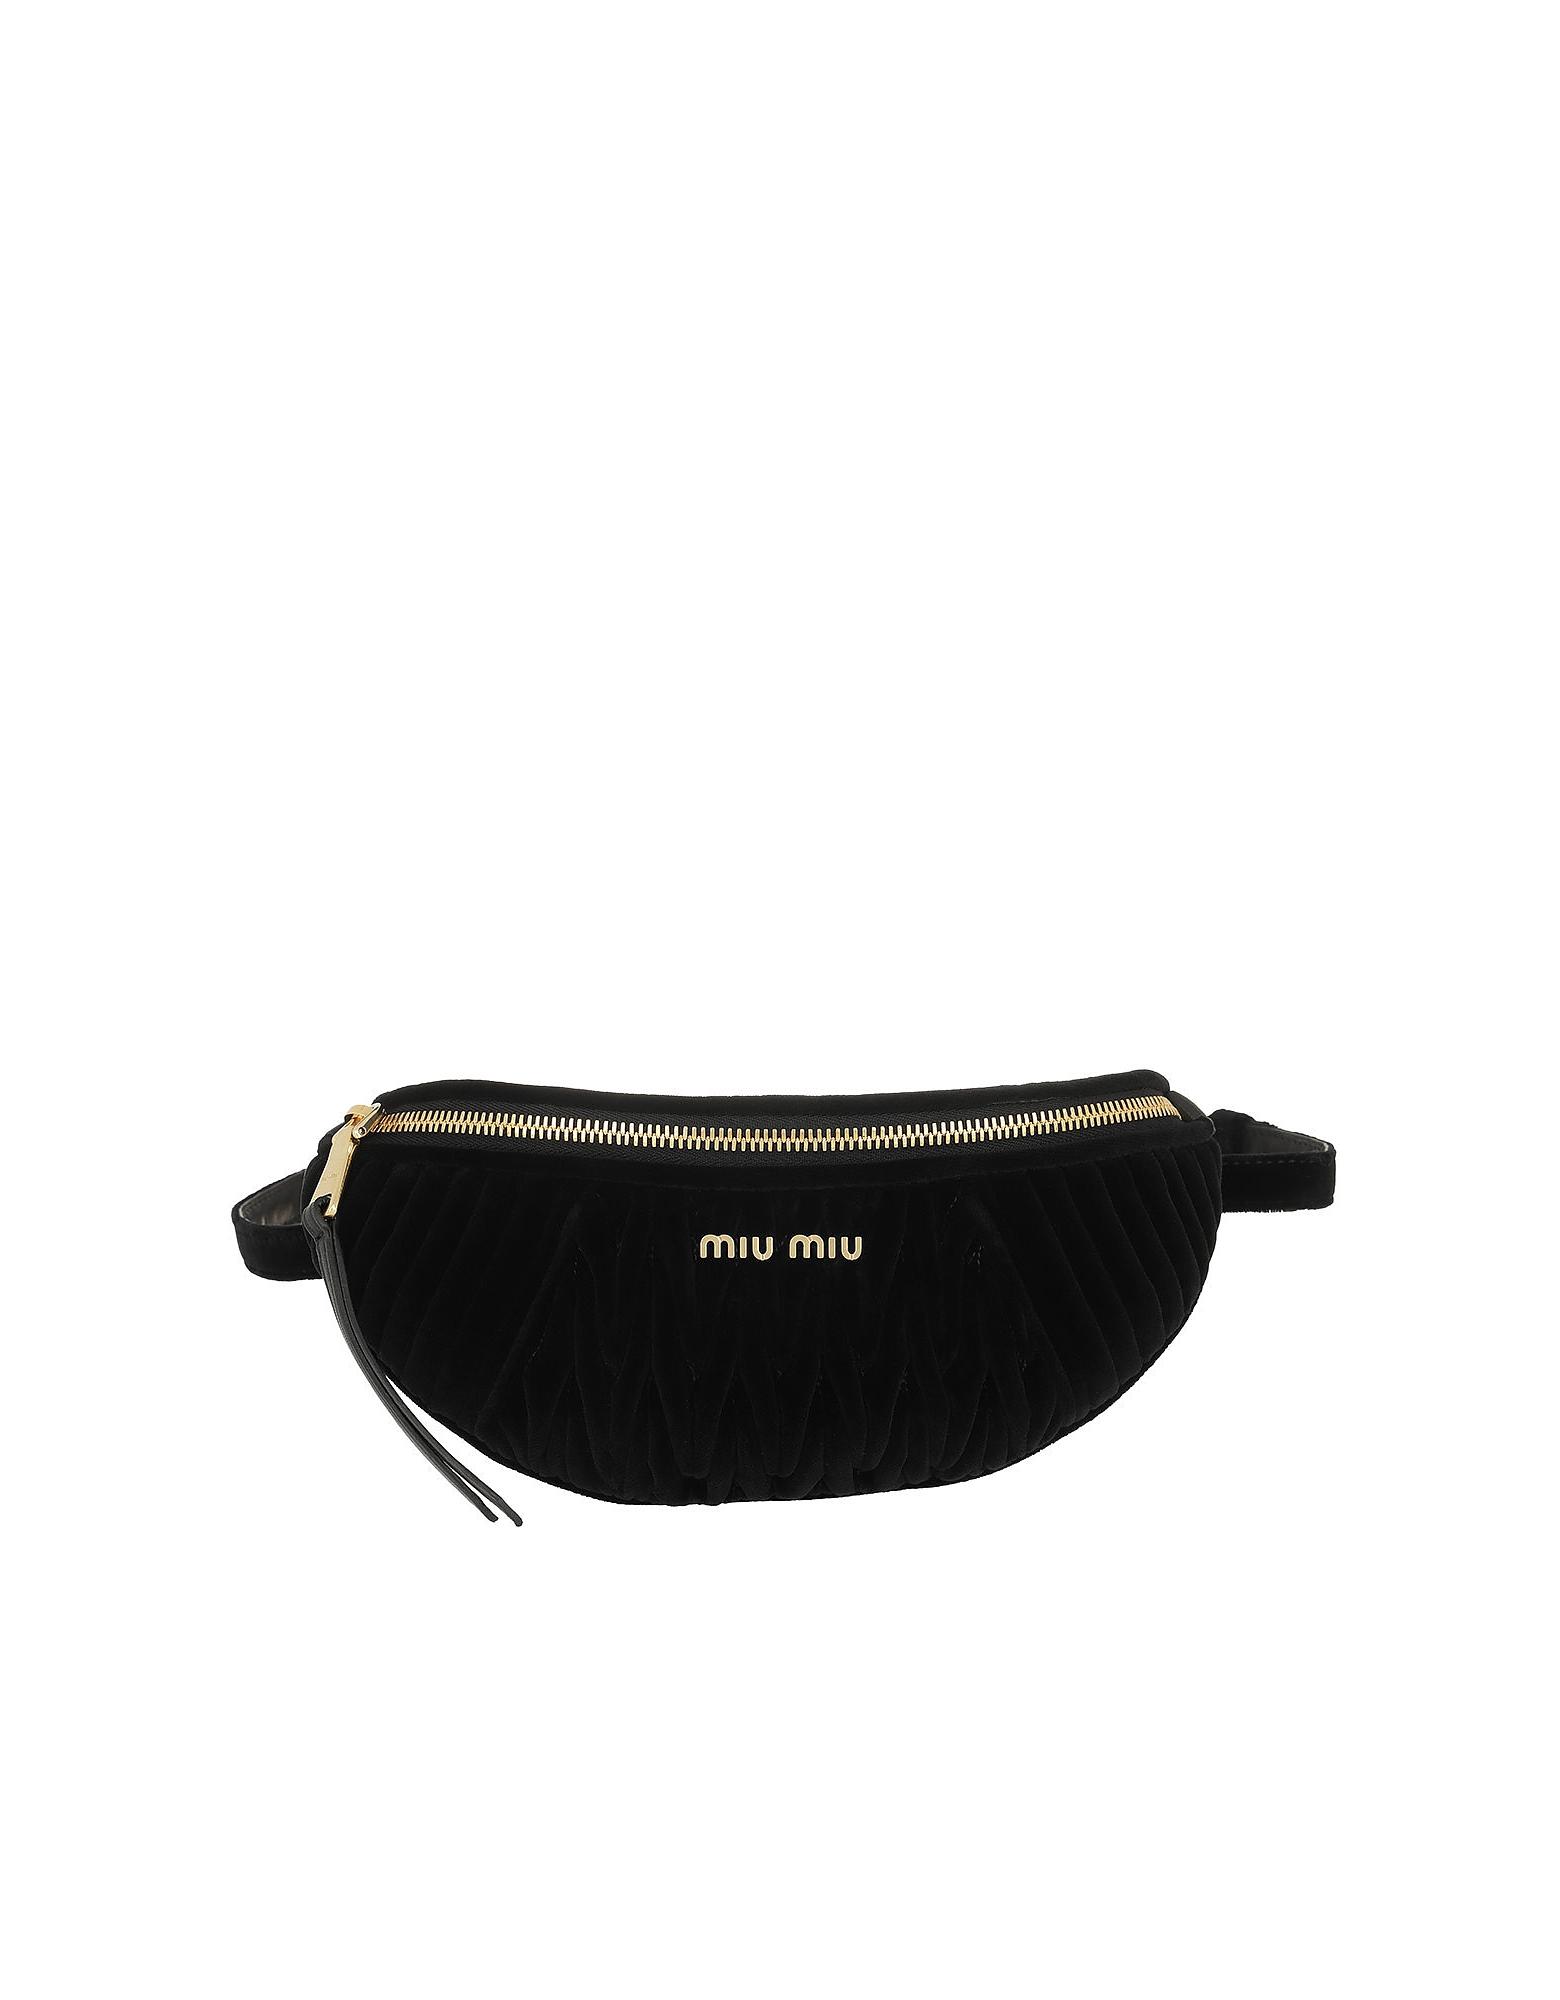 Miu Miu Handbags, Matelasse Velvet Belt Bag Nero